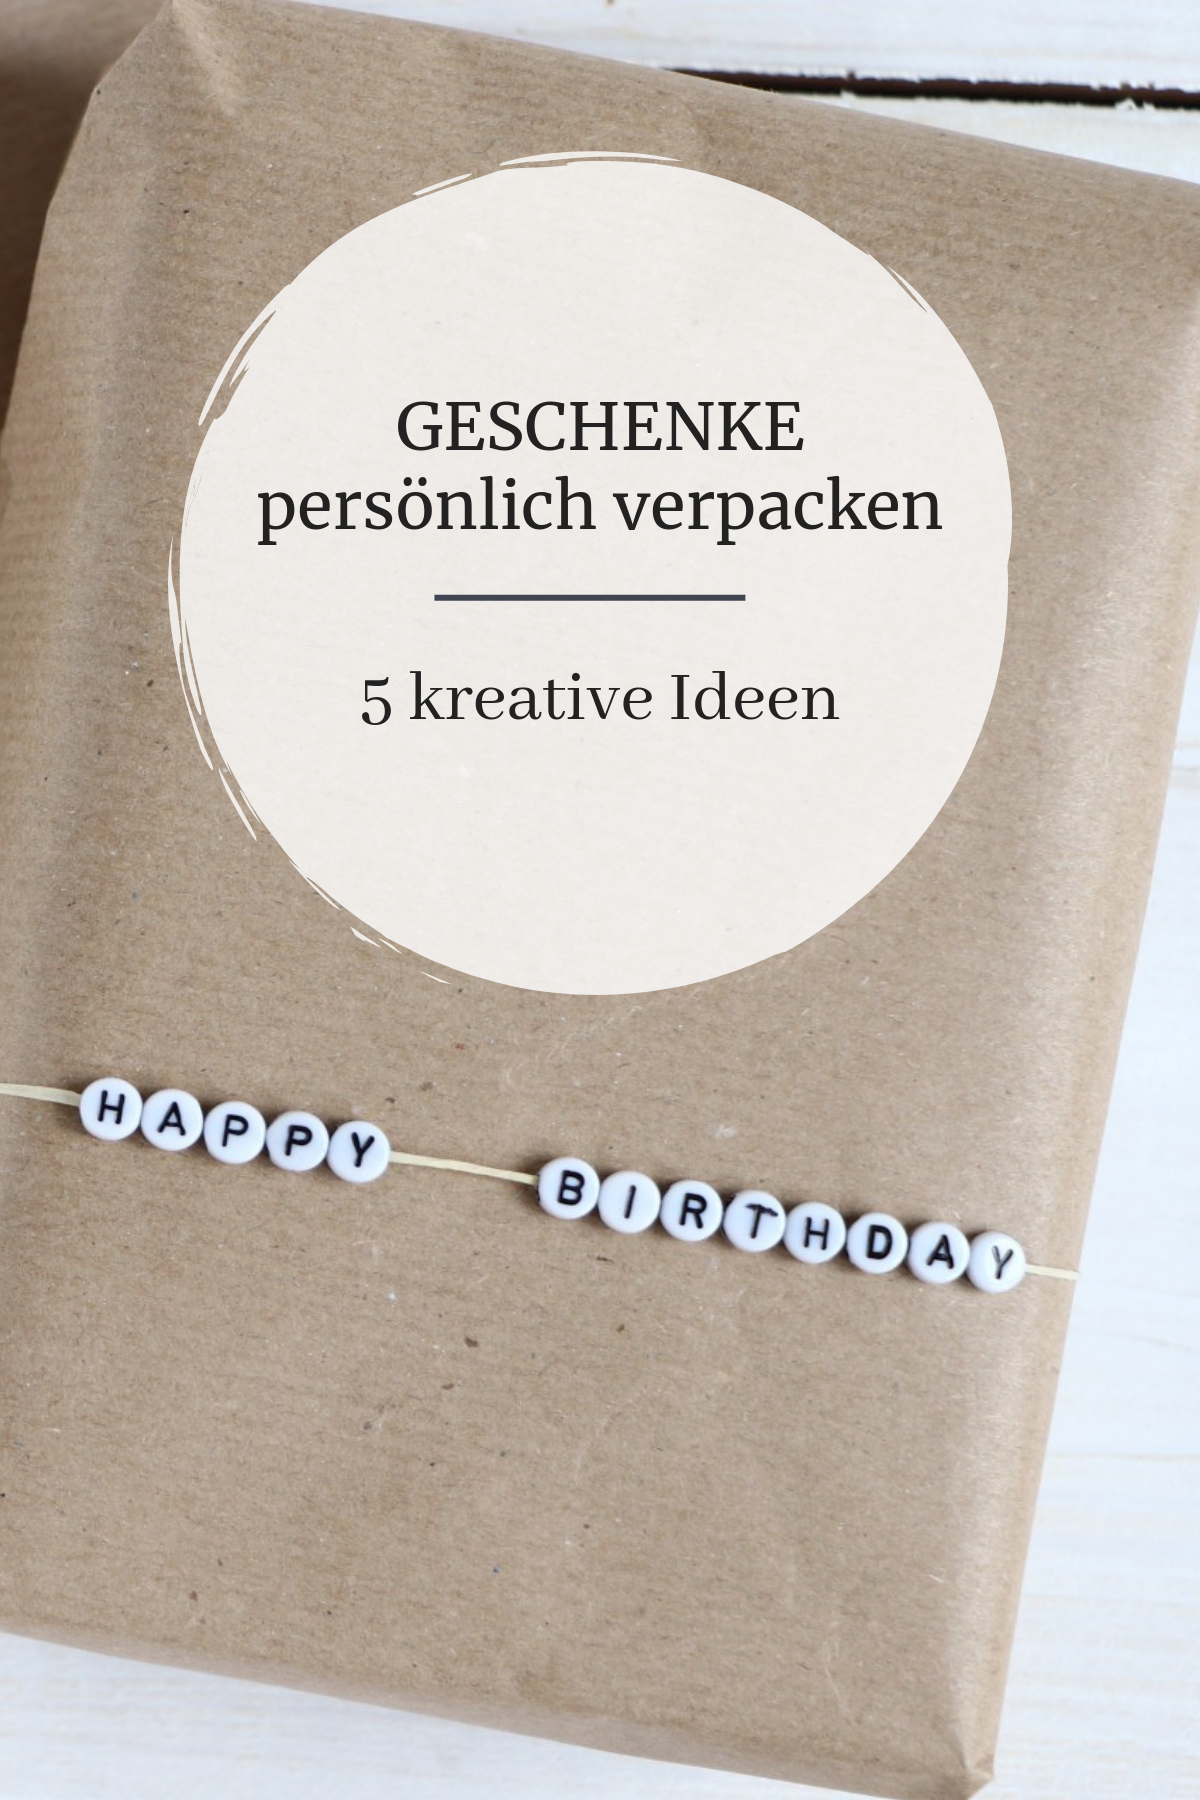 Geschenke verpacken: Ideen mit Packpapier #geschenkideen